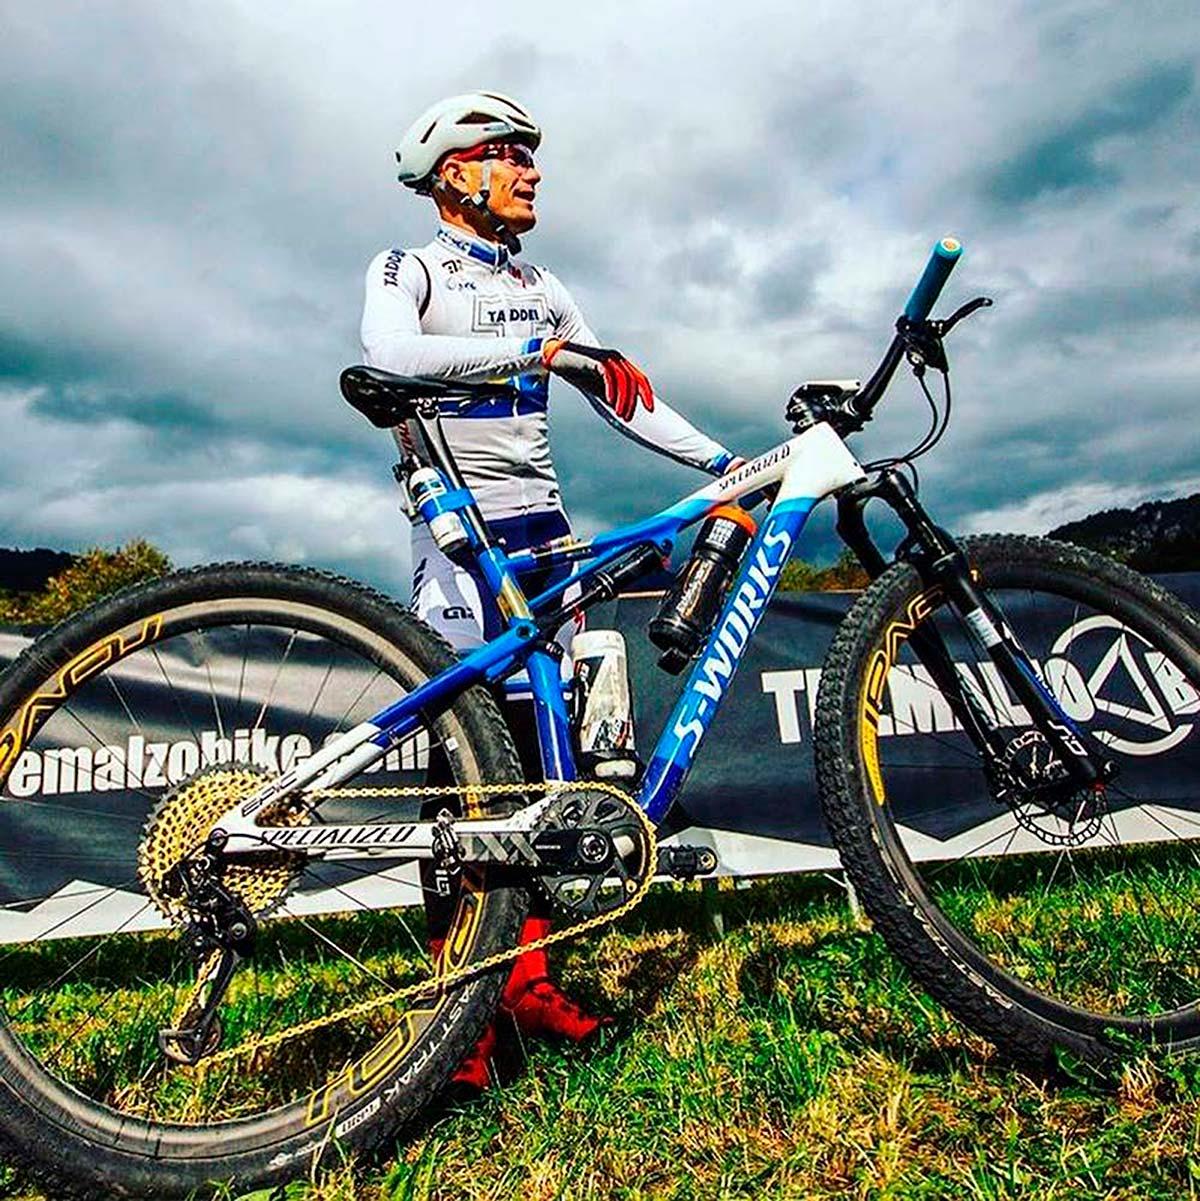 Alexey Medvedev, campeón de Europa de XCM, confirma su participación en la VolCAT 2019